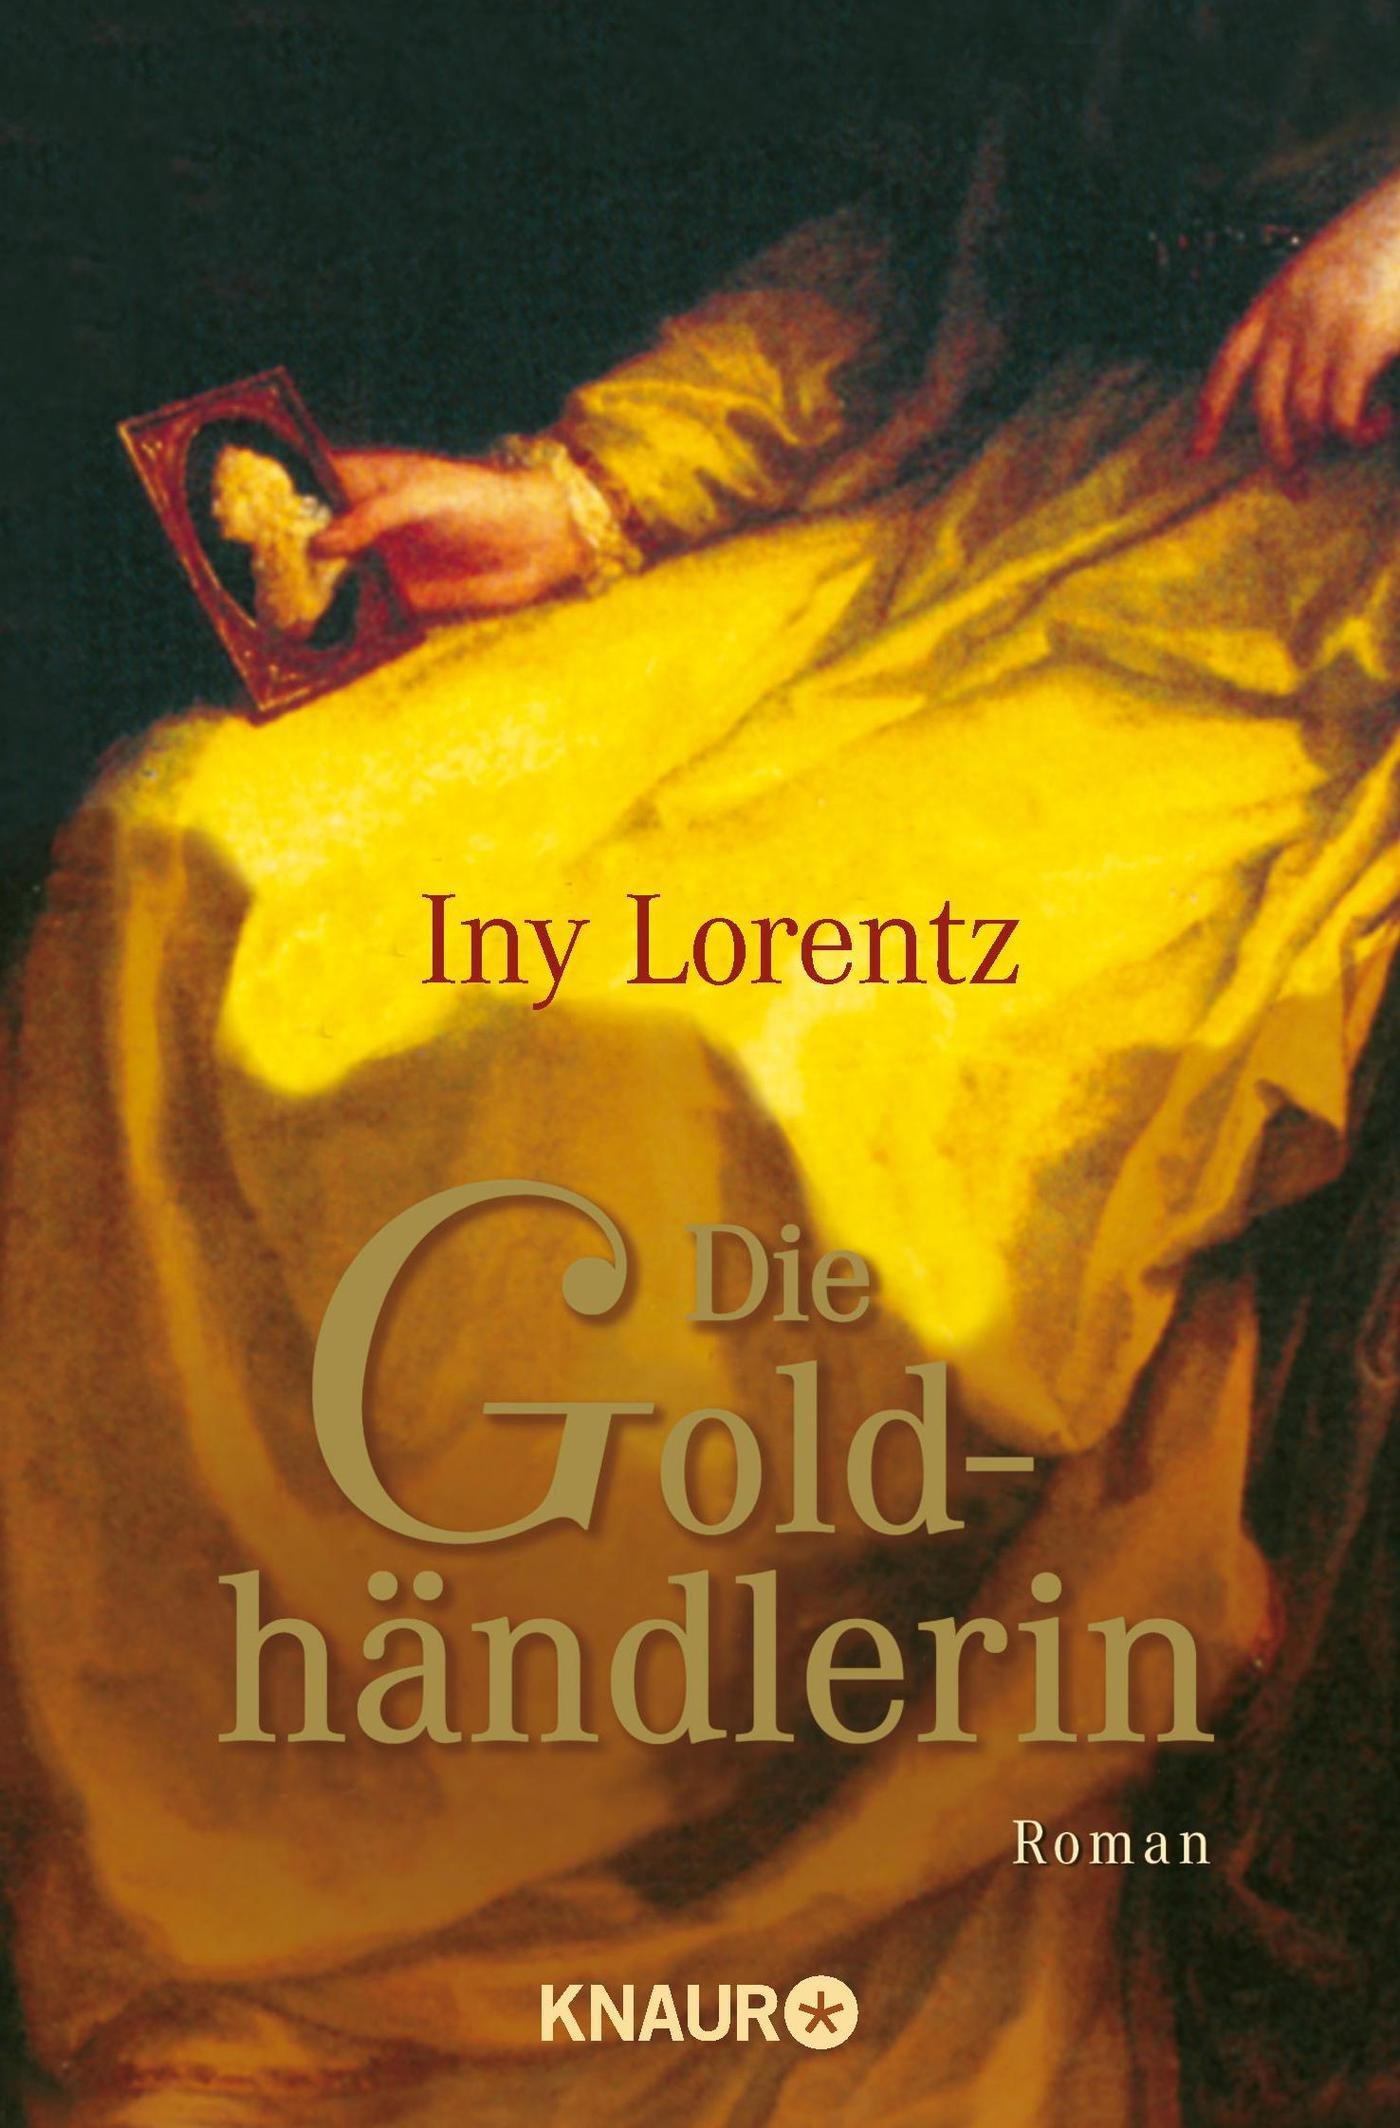 Die Goldhändlerin